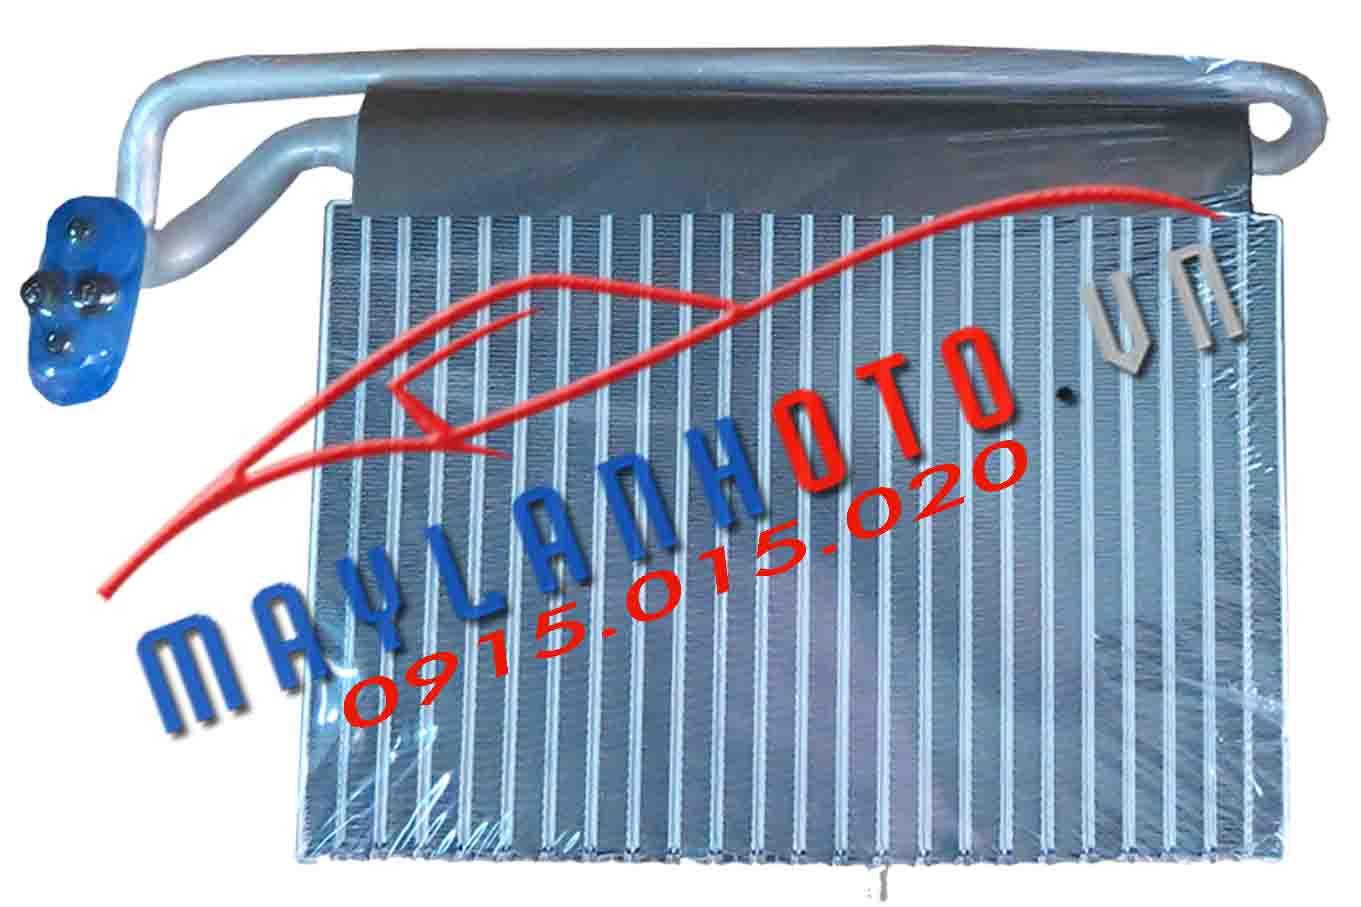 BMW 318i 2004 - 2008 / Dàn lạnh BMW 318i 2004 - 2008 / Giàn lạnh BMW 318i 2004 - 2008